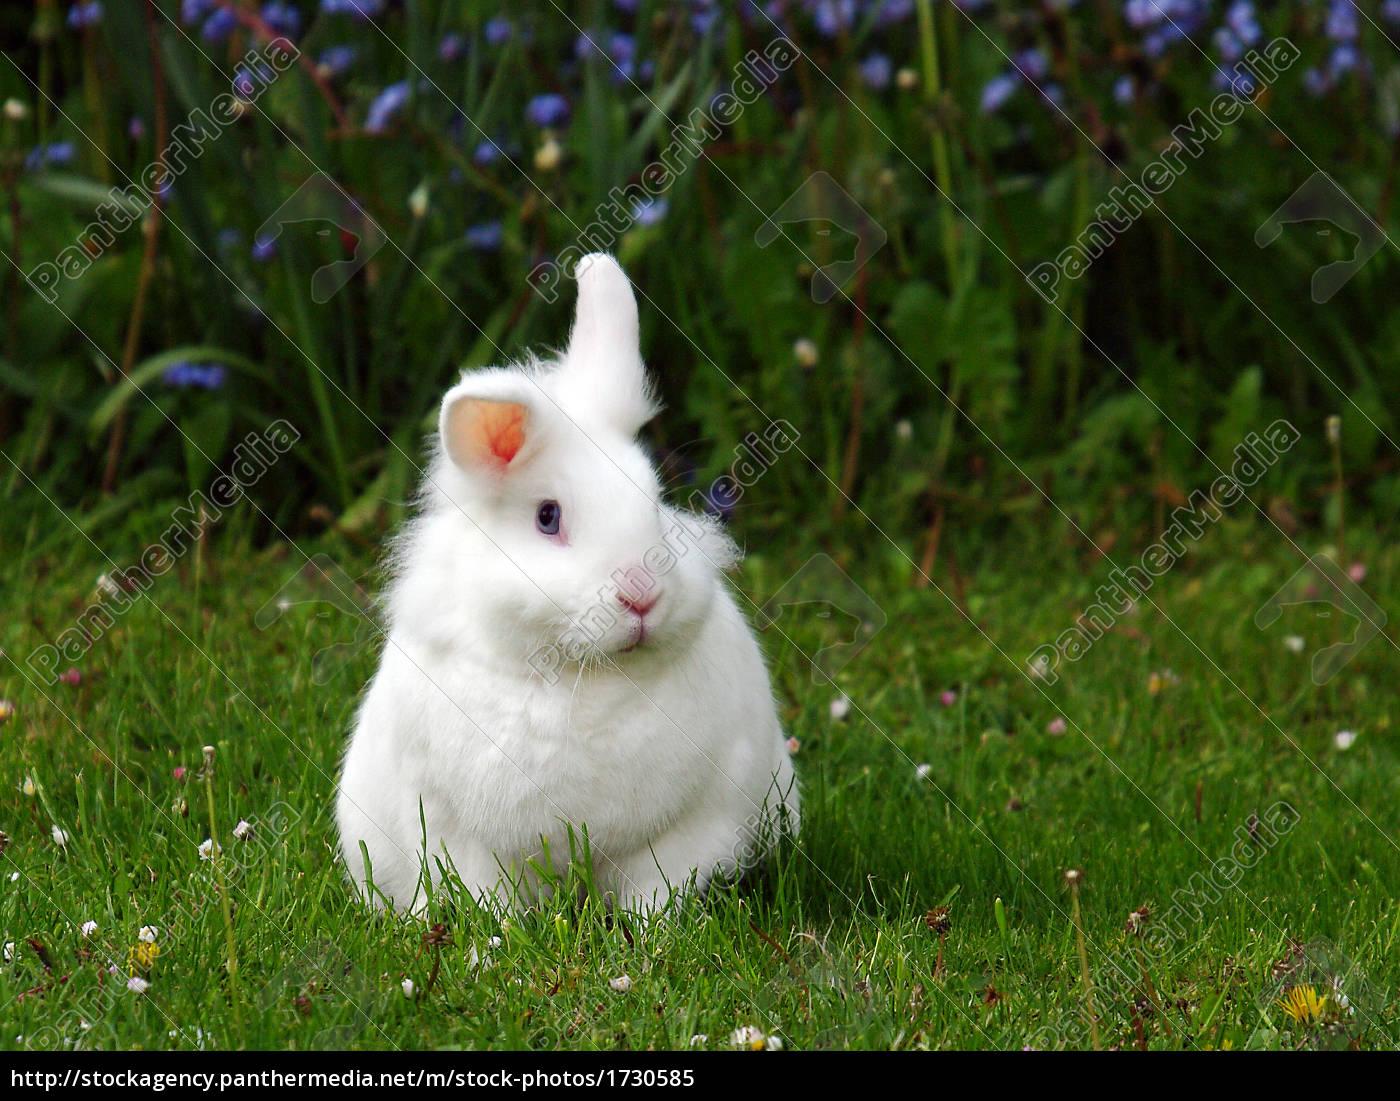 das weiГџe kaninchen